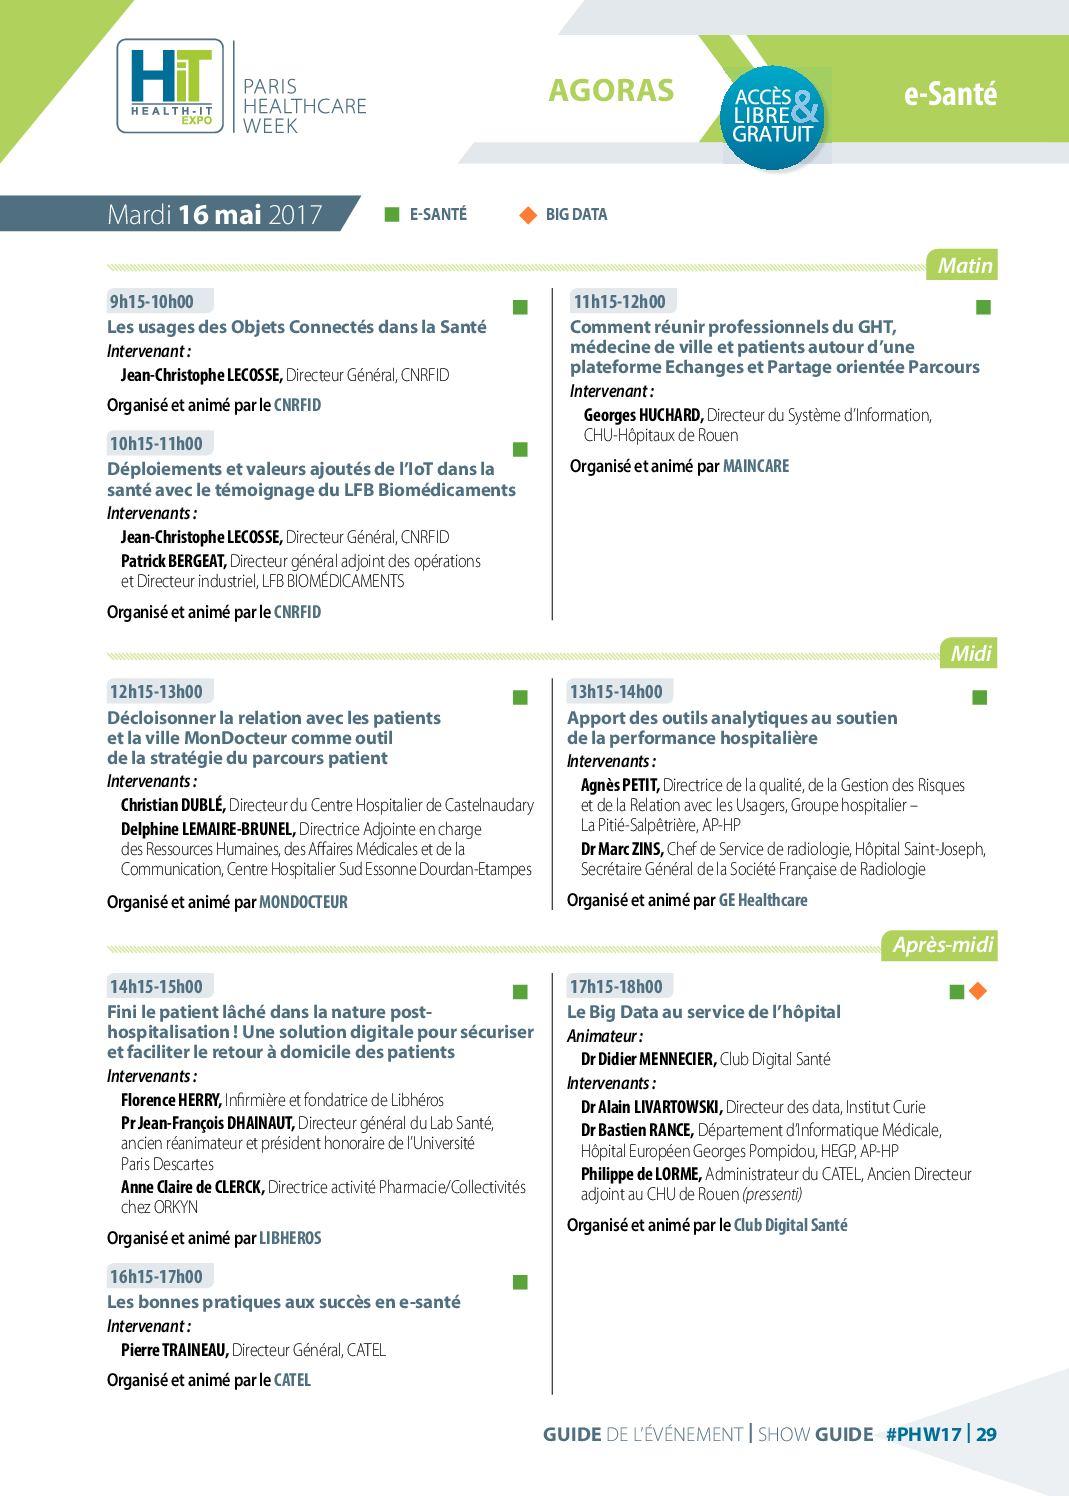 Guide De Lévénement Paris Healthcare Week Calameo Downloader